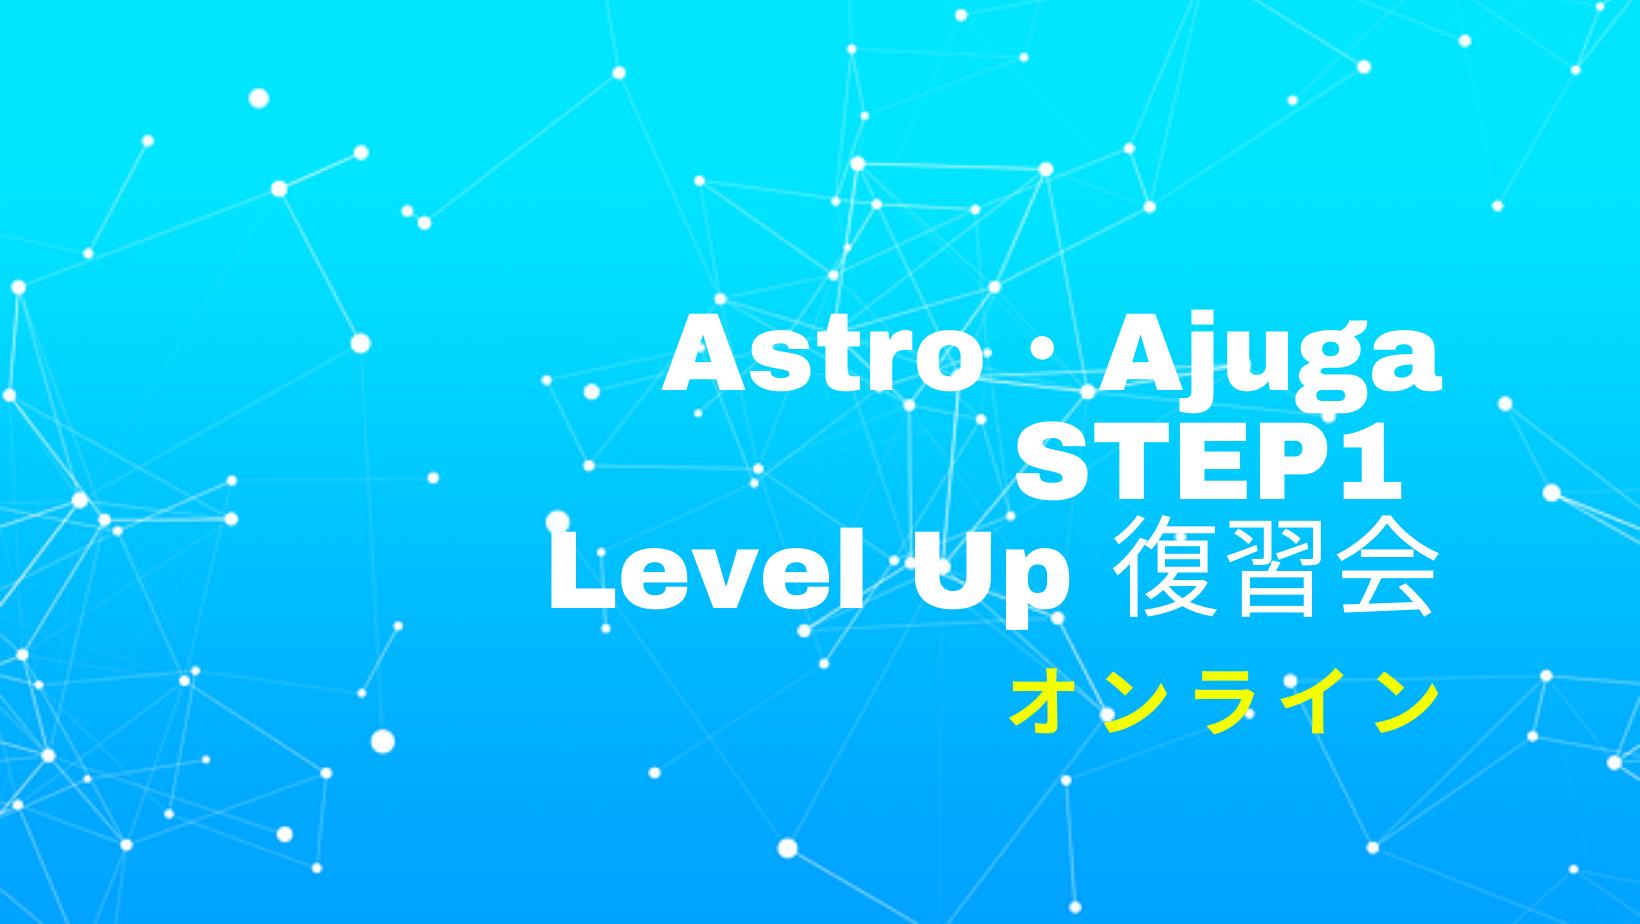 <オンライン>STEP1:初級編 レベルアップ復習会